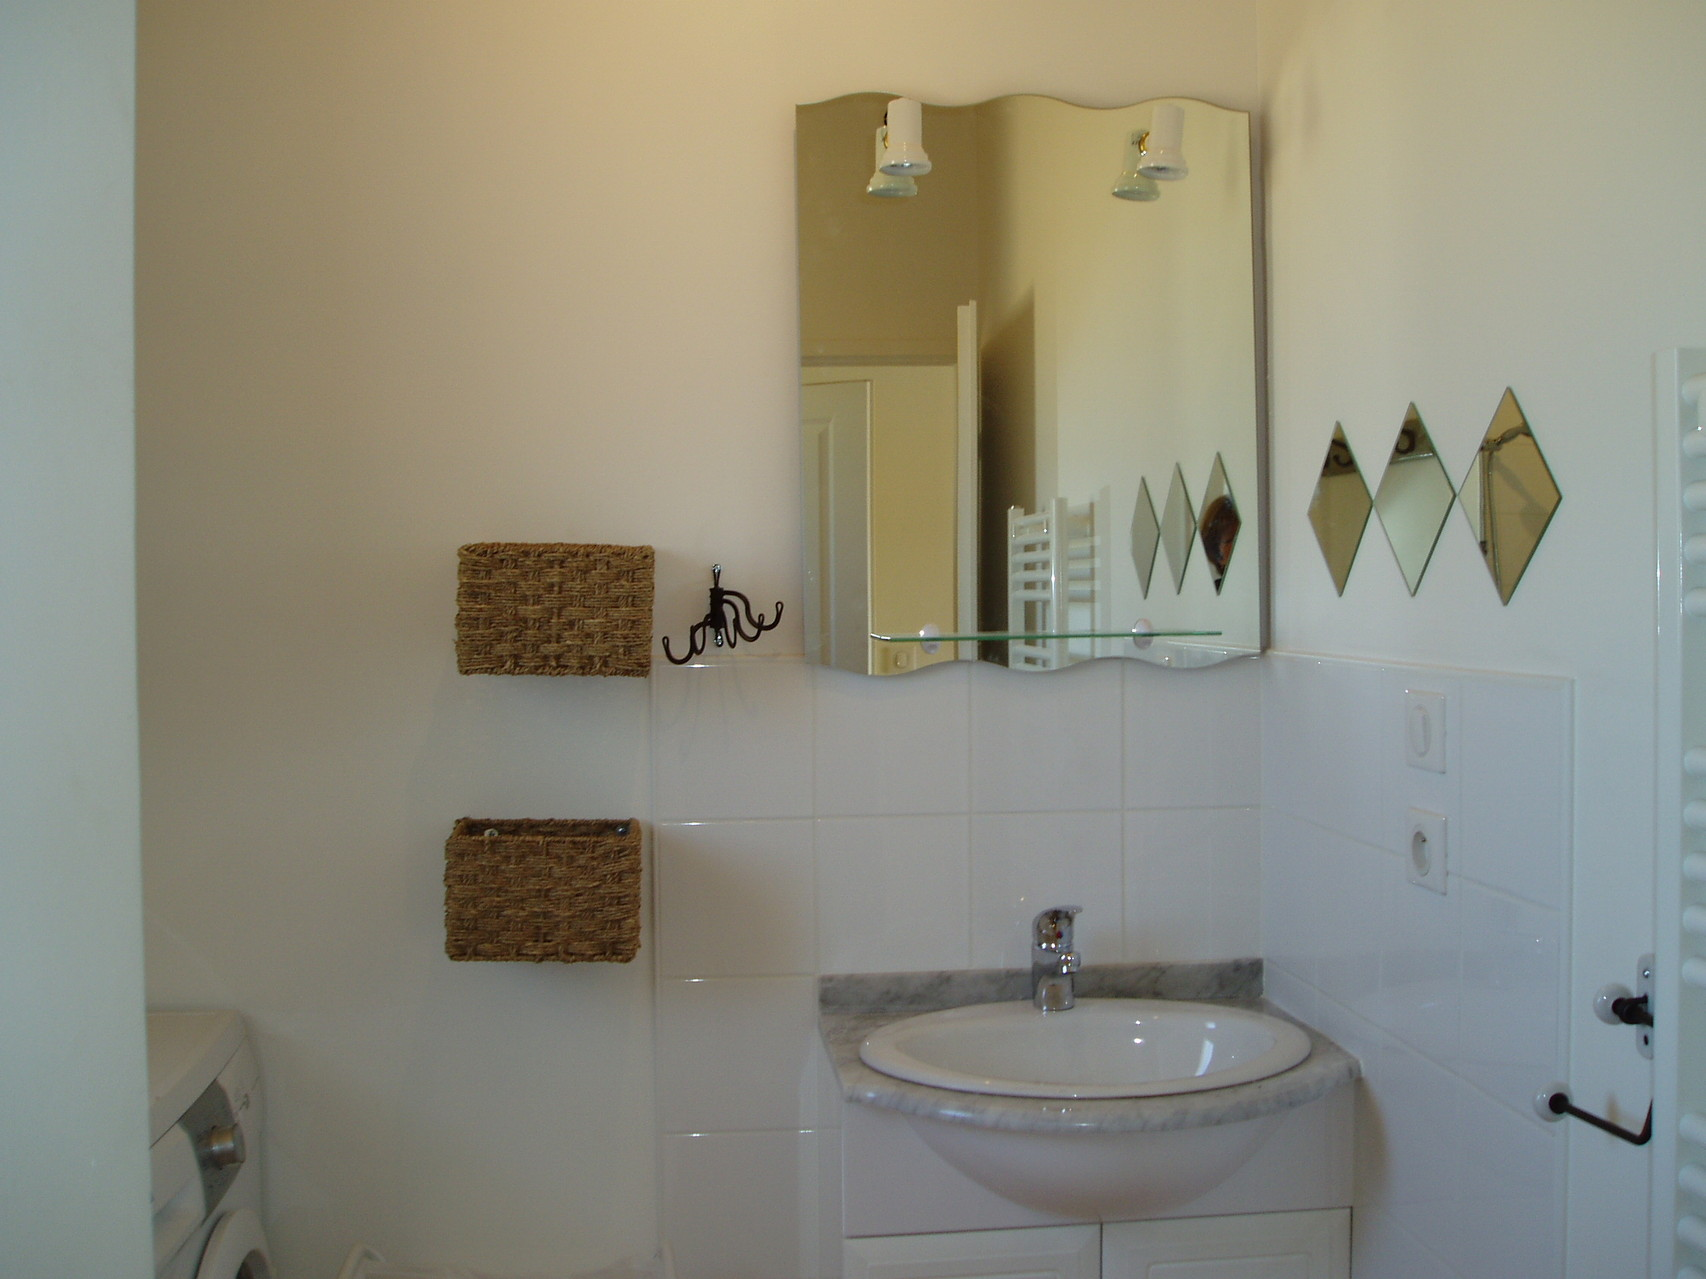 Salle de bain, chaffe-serviette, machine à laver, douche à l'italienne